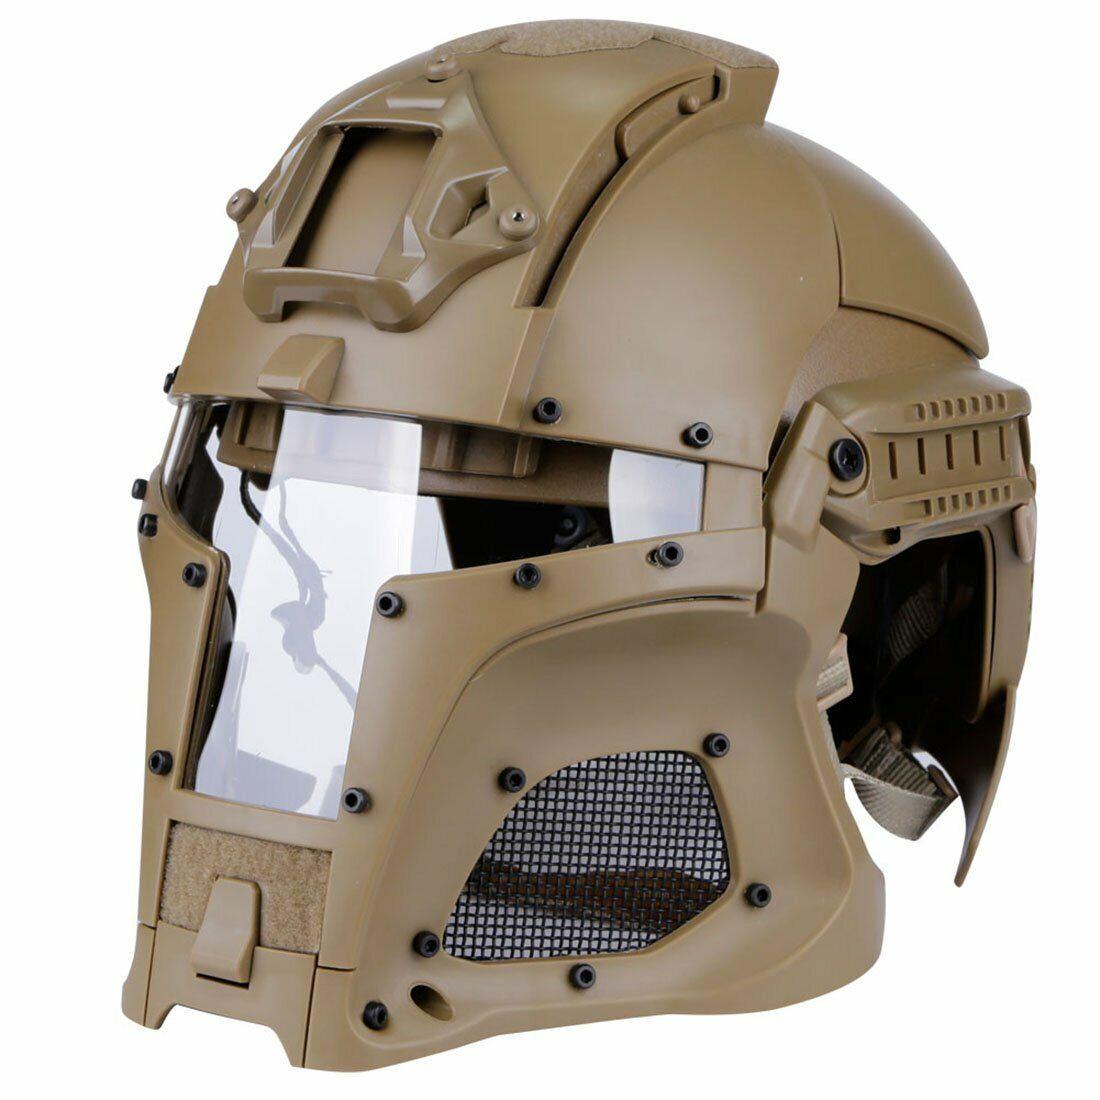 Airsoft Helmet Star Wars Helmet Paintball Full Gesicht Protection Mask Boba Fett Visor